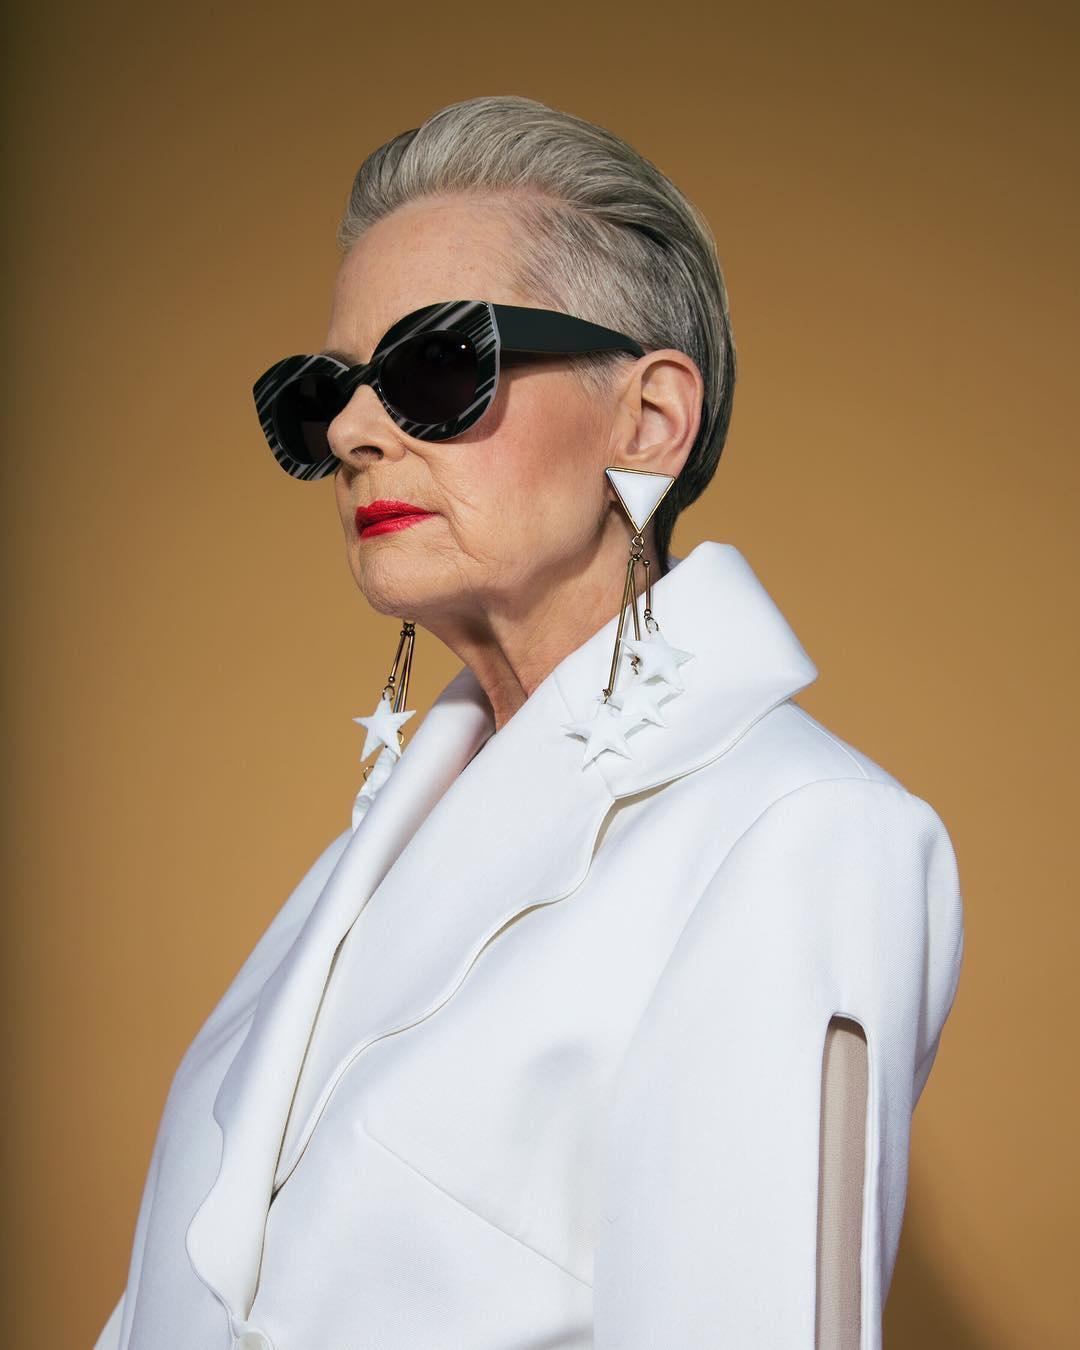 короткие стрижки для женщин старше 60 лет фото 2